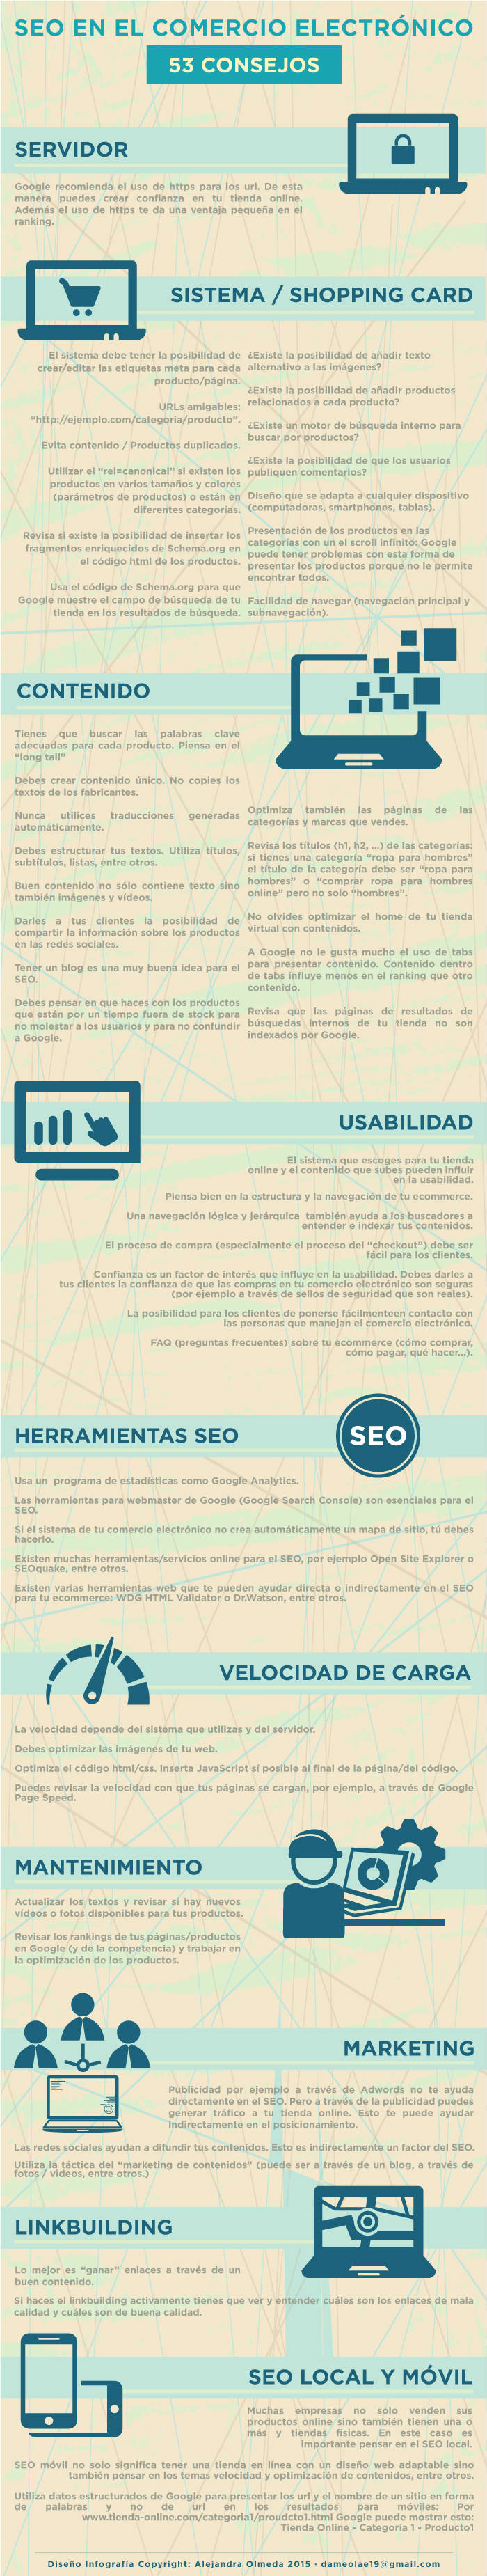 SEO en el comercio electrónico - infografía